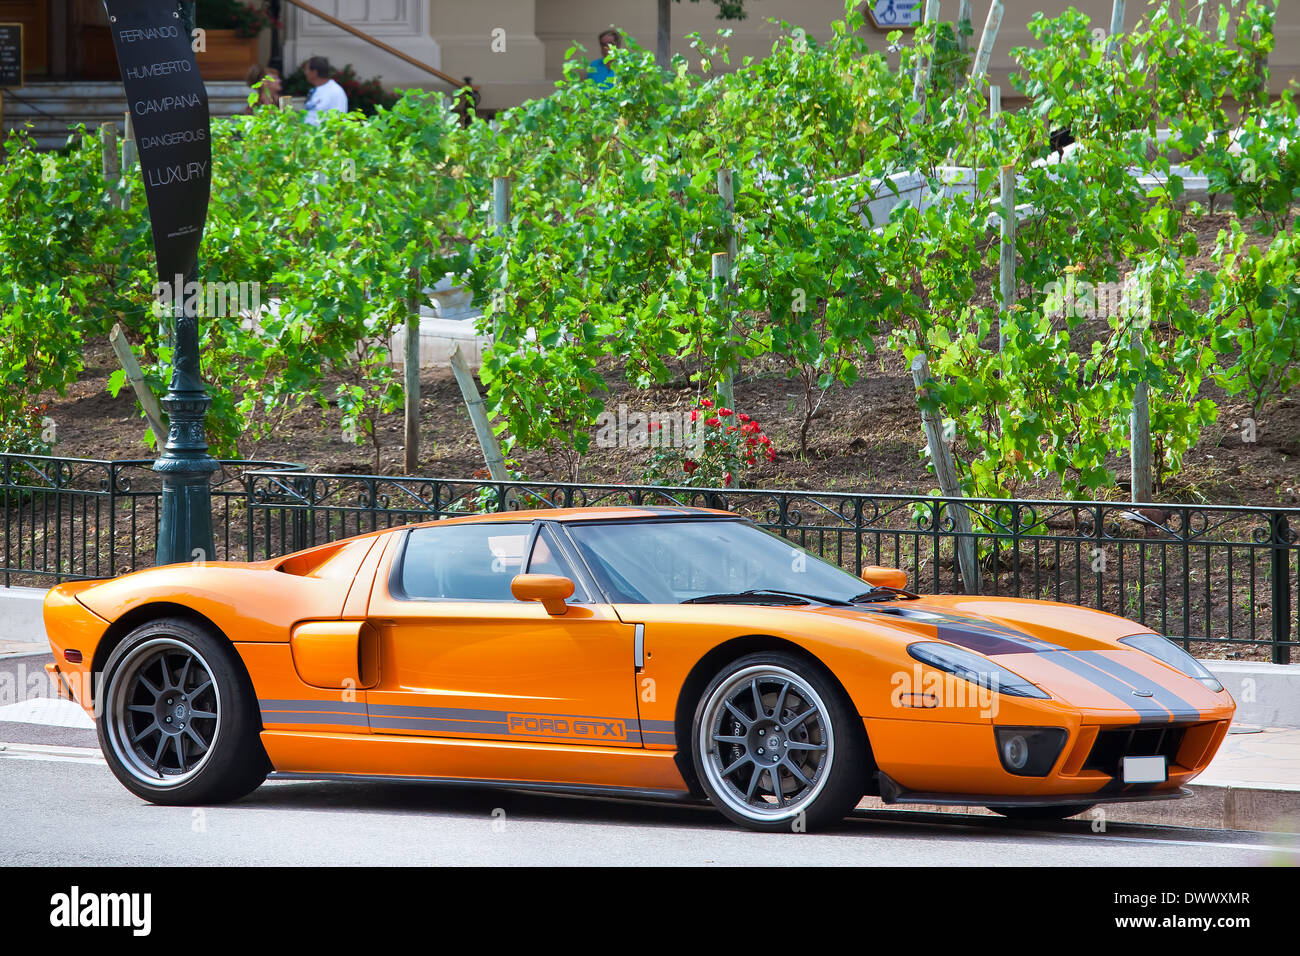 Voiture de luxe sur la rue à Monte Carlo, Monaco. Photo Stock